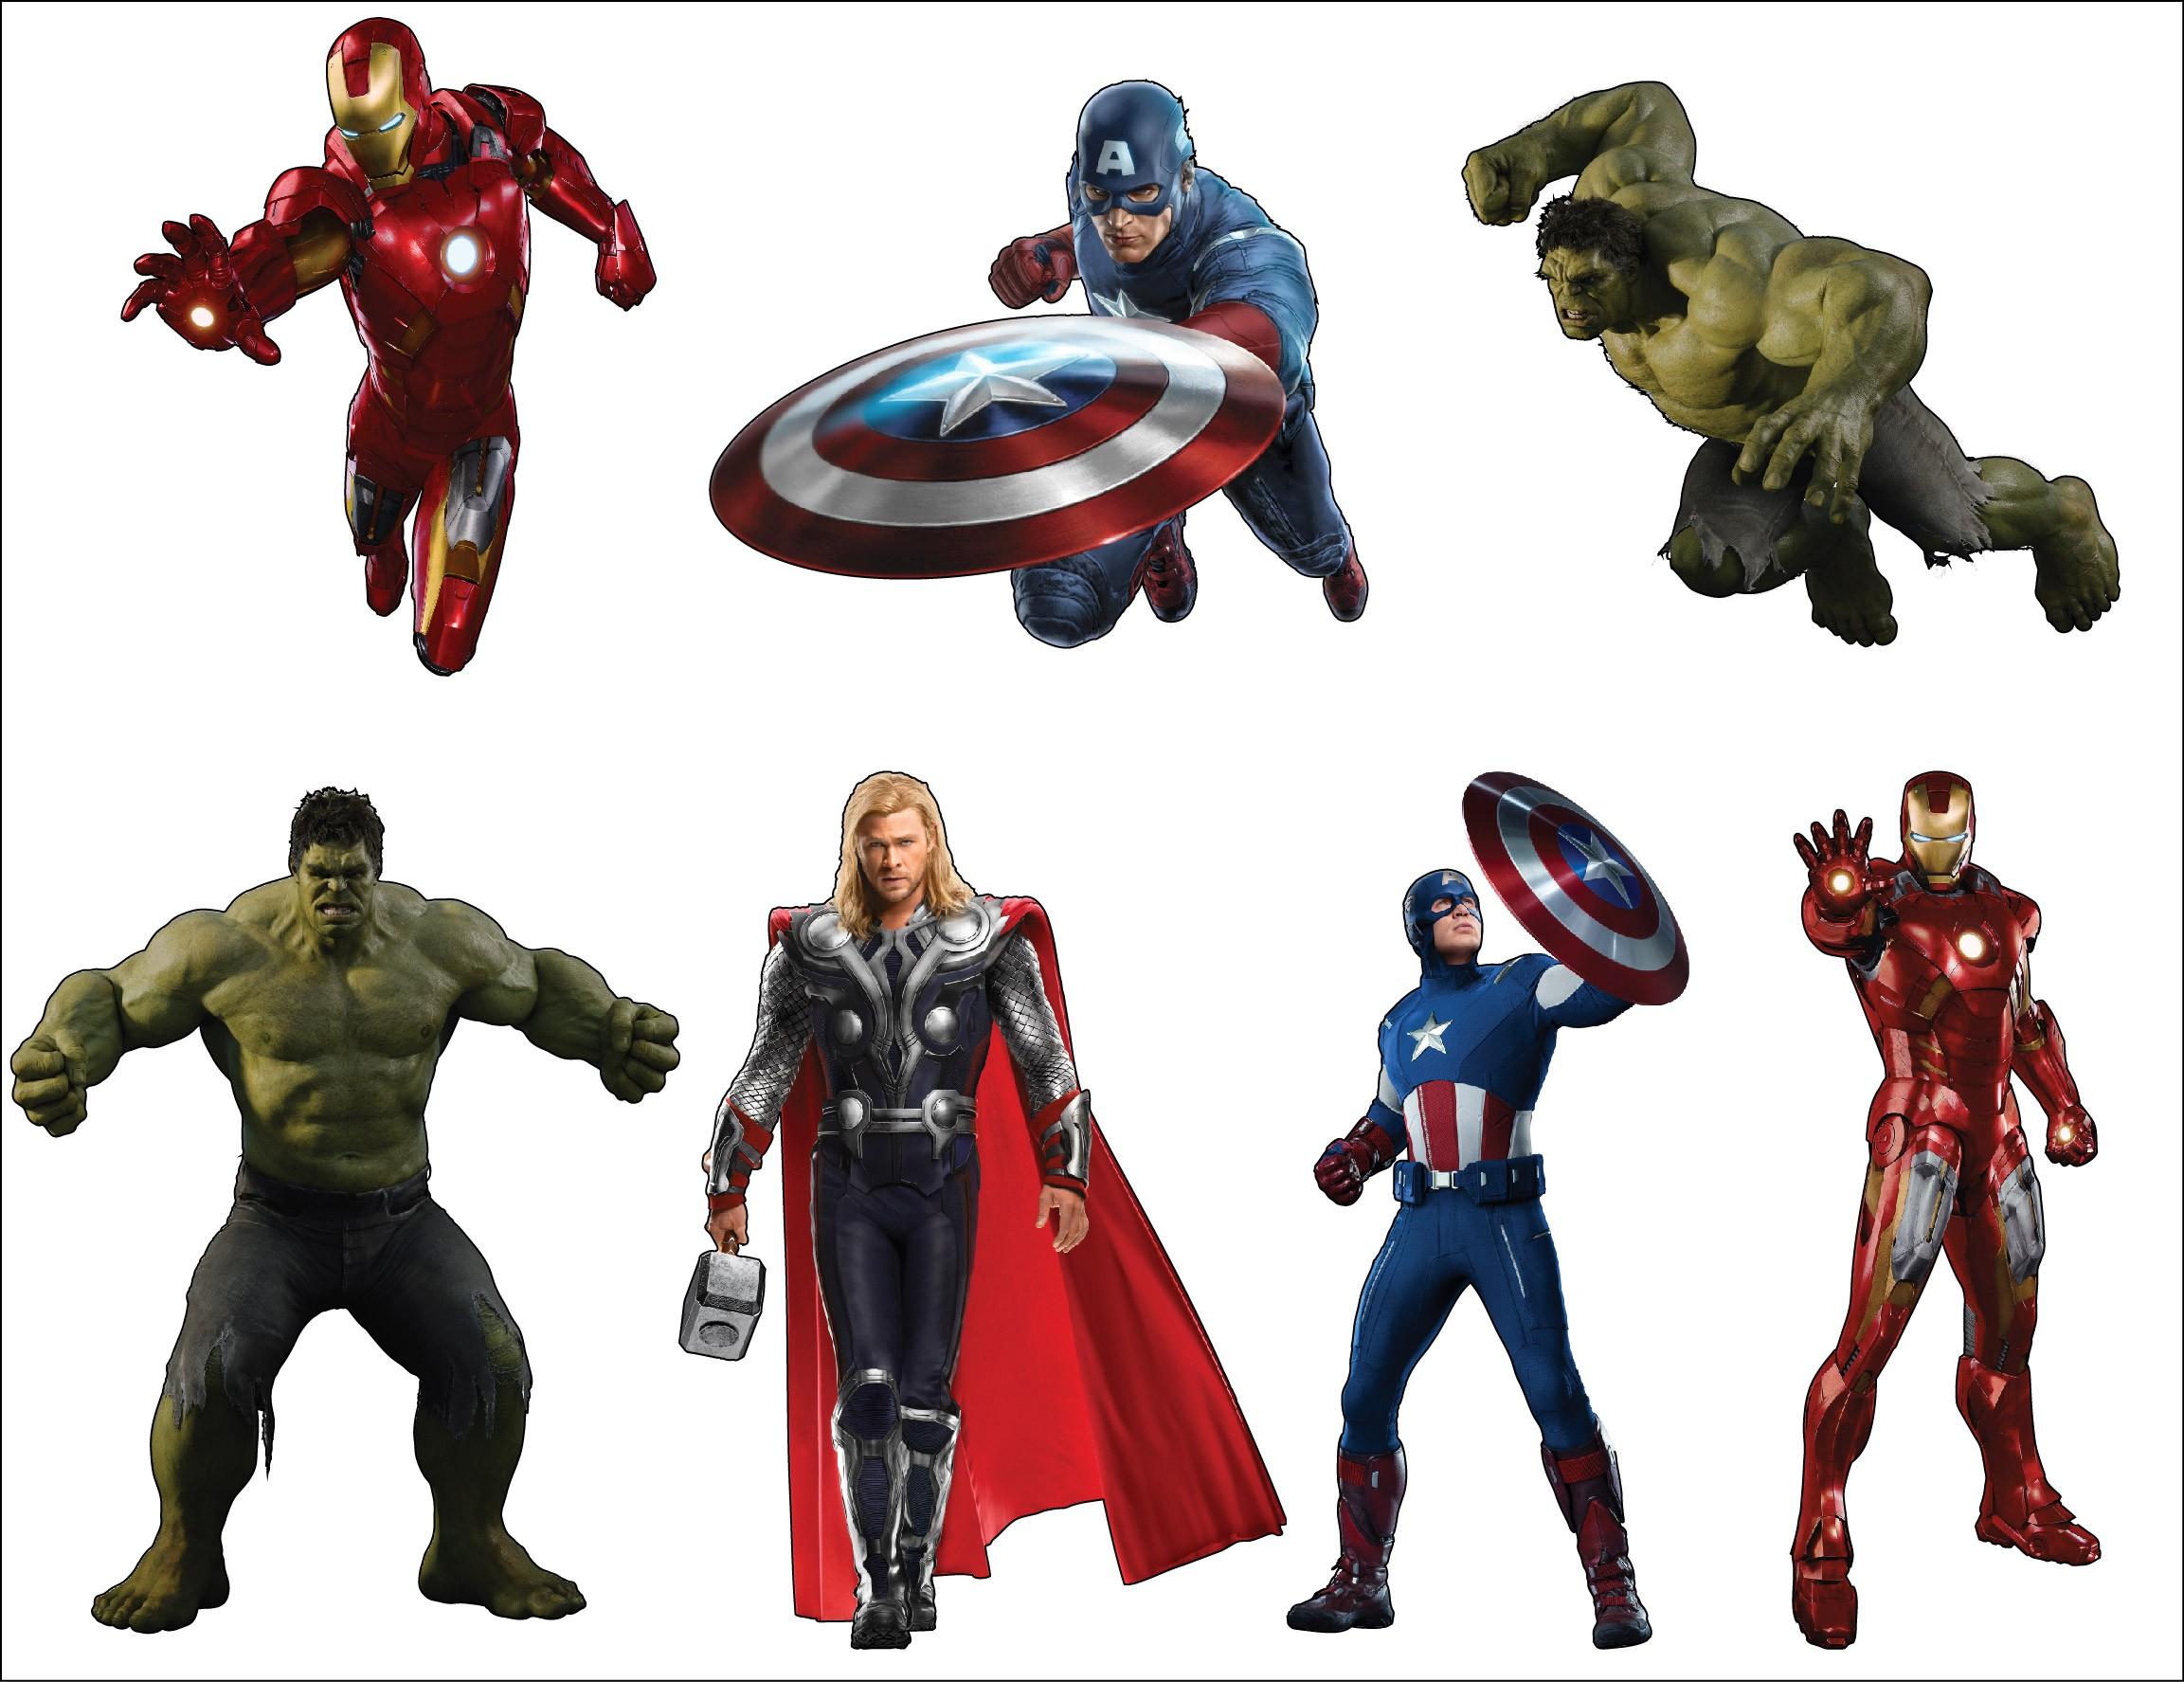 щели фото всех супергероев по отдельности часто